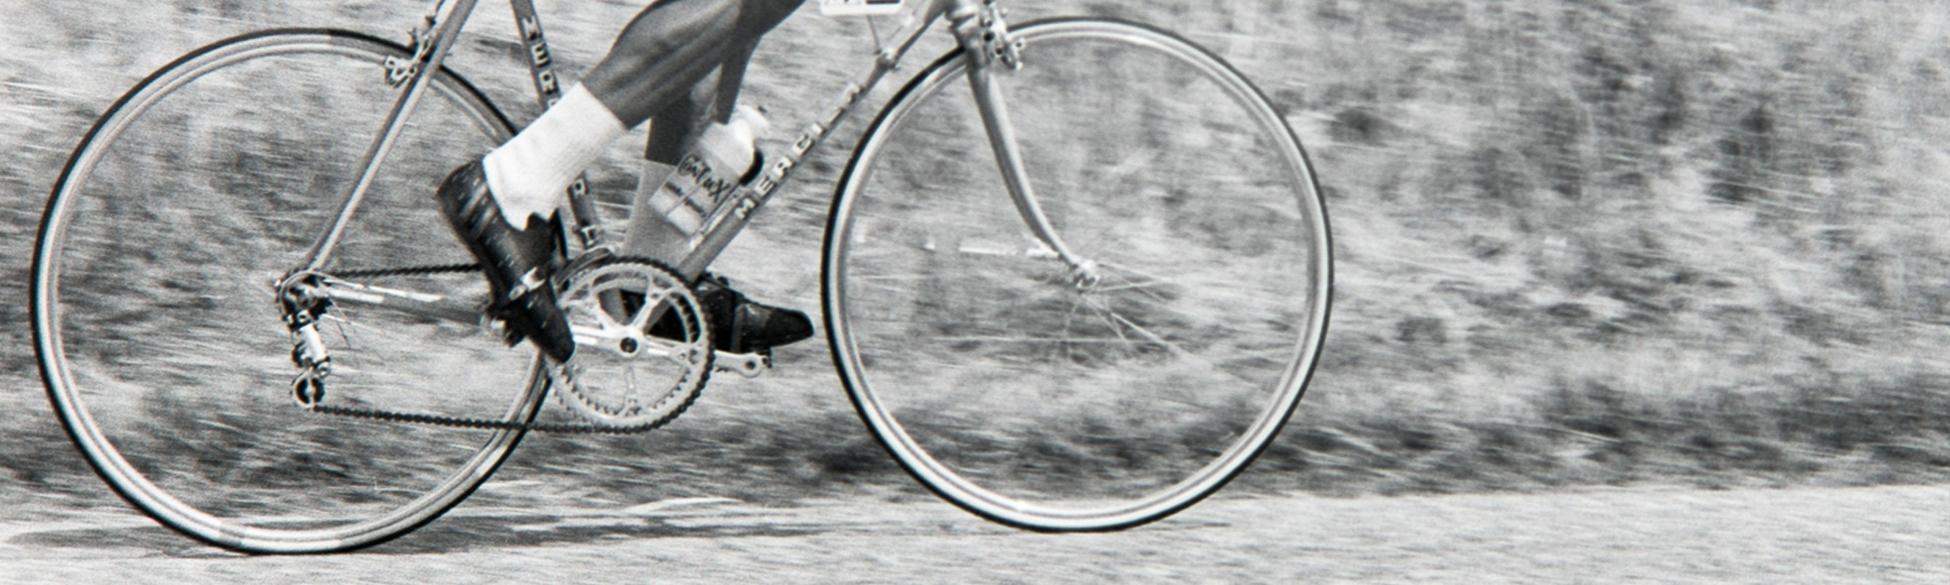 Raymond Poulidor, la légende du Tour de France